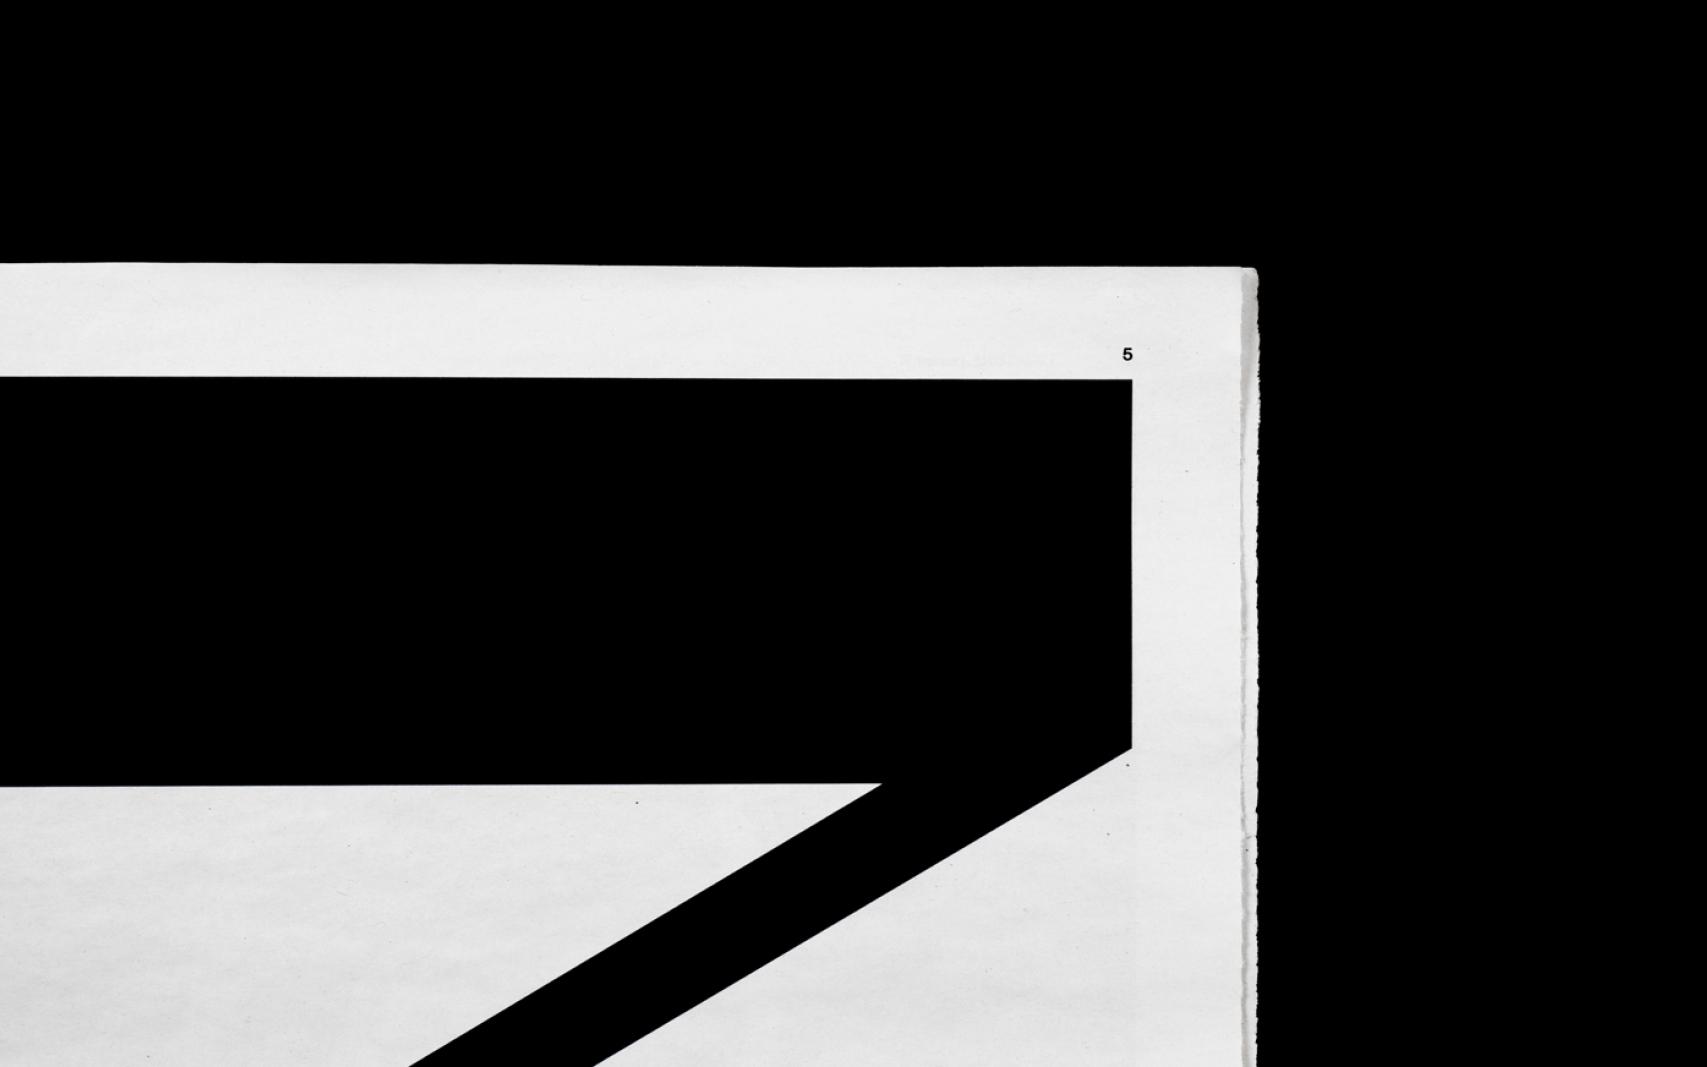 ligature paper 0002